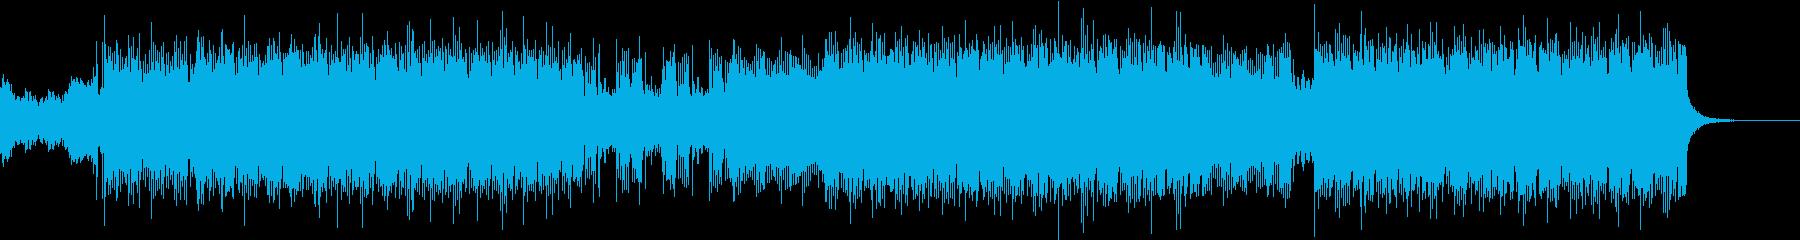 バトルシーンで使われるBGMの再生済みの波形